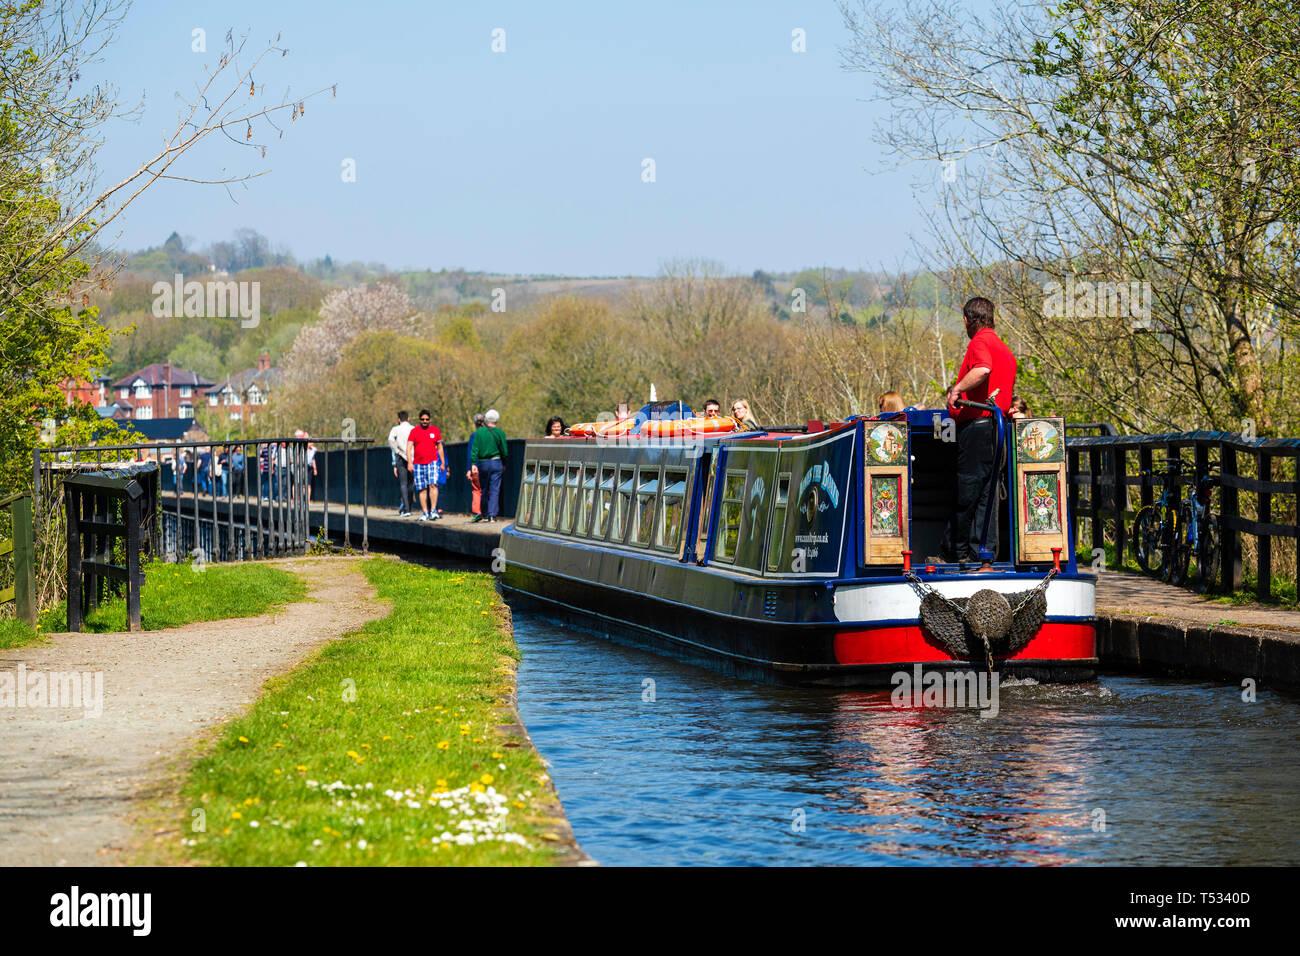 Canal de travesía de un acueducto cerca de Llangollen Pontcysyllte, Gales, Reino Unido. Viaje en barco por el estrecho Shropshire Union Canal. Imagen De Stock